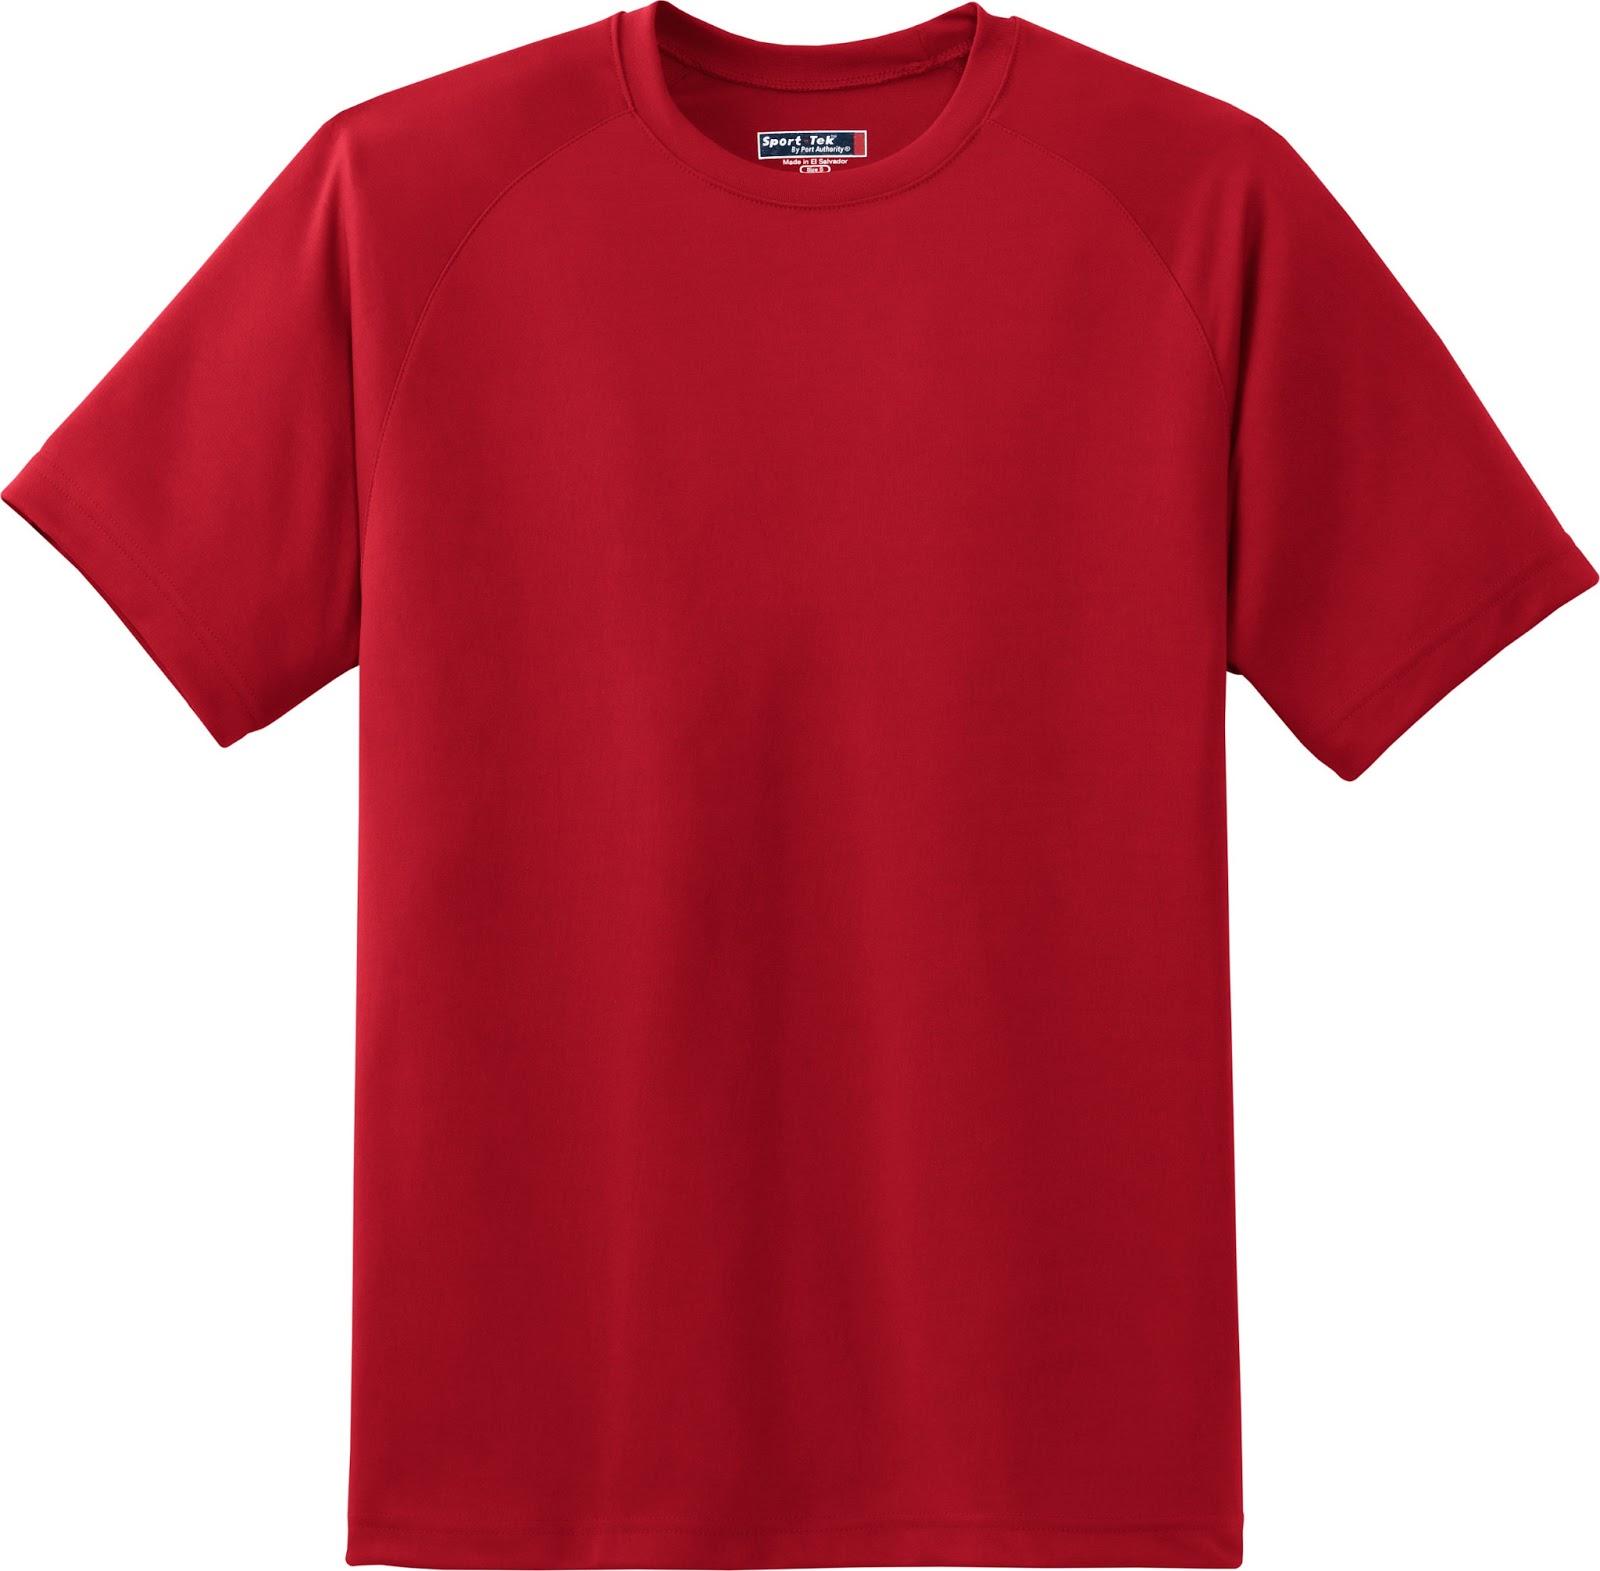 Konveksi Kaos Yogya Kaos Polos Merah